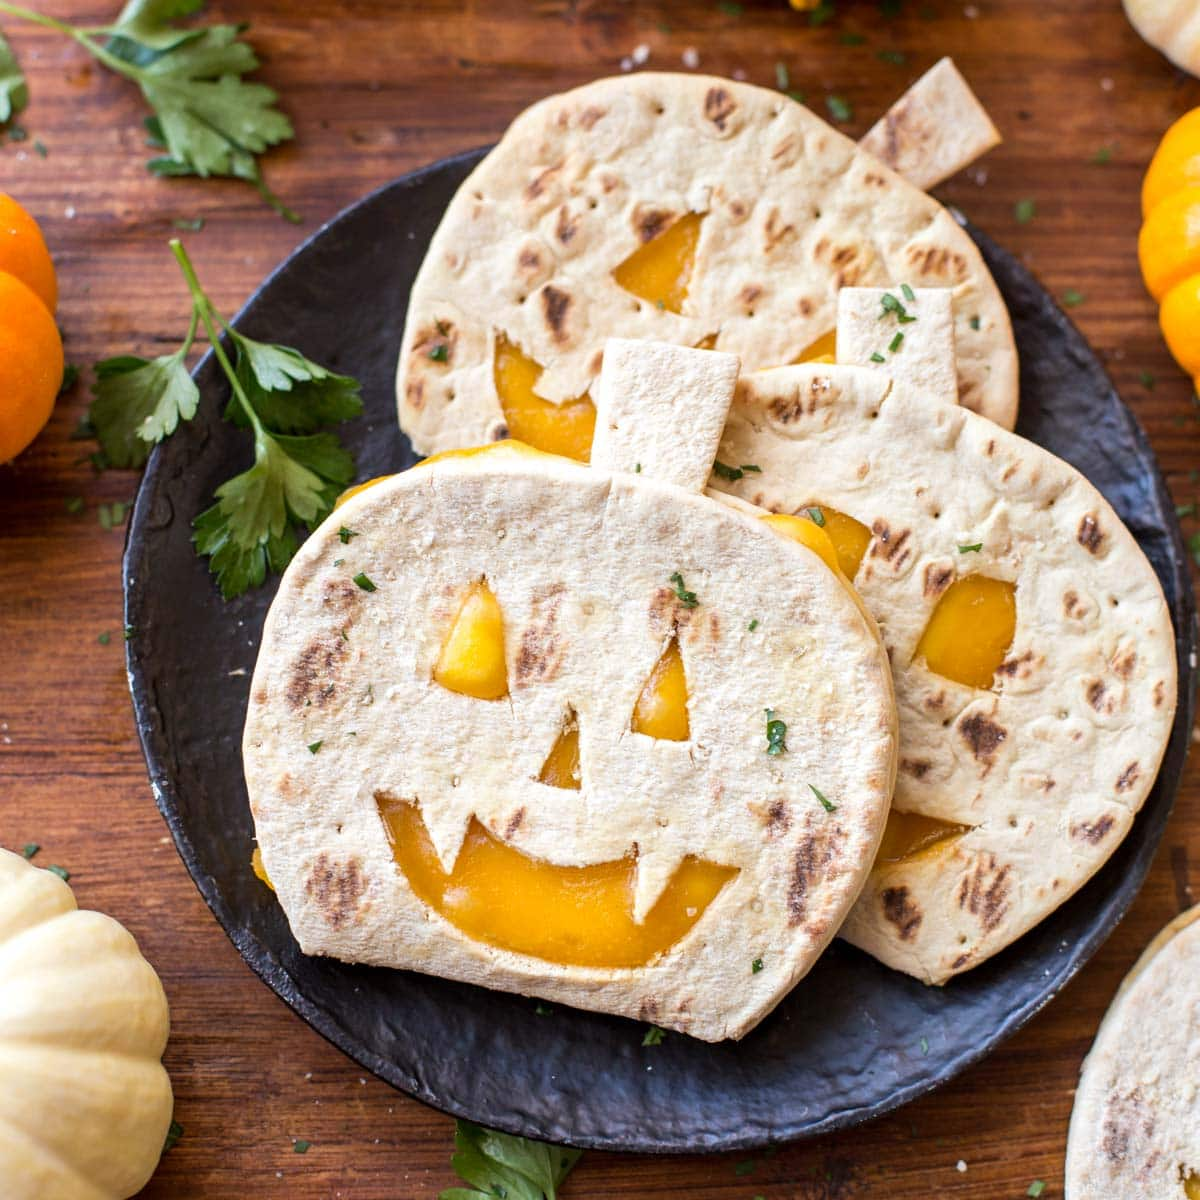 Pumpkin quesadillas shaped like pumpkins